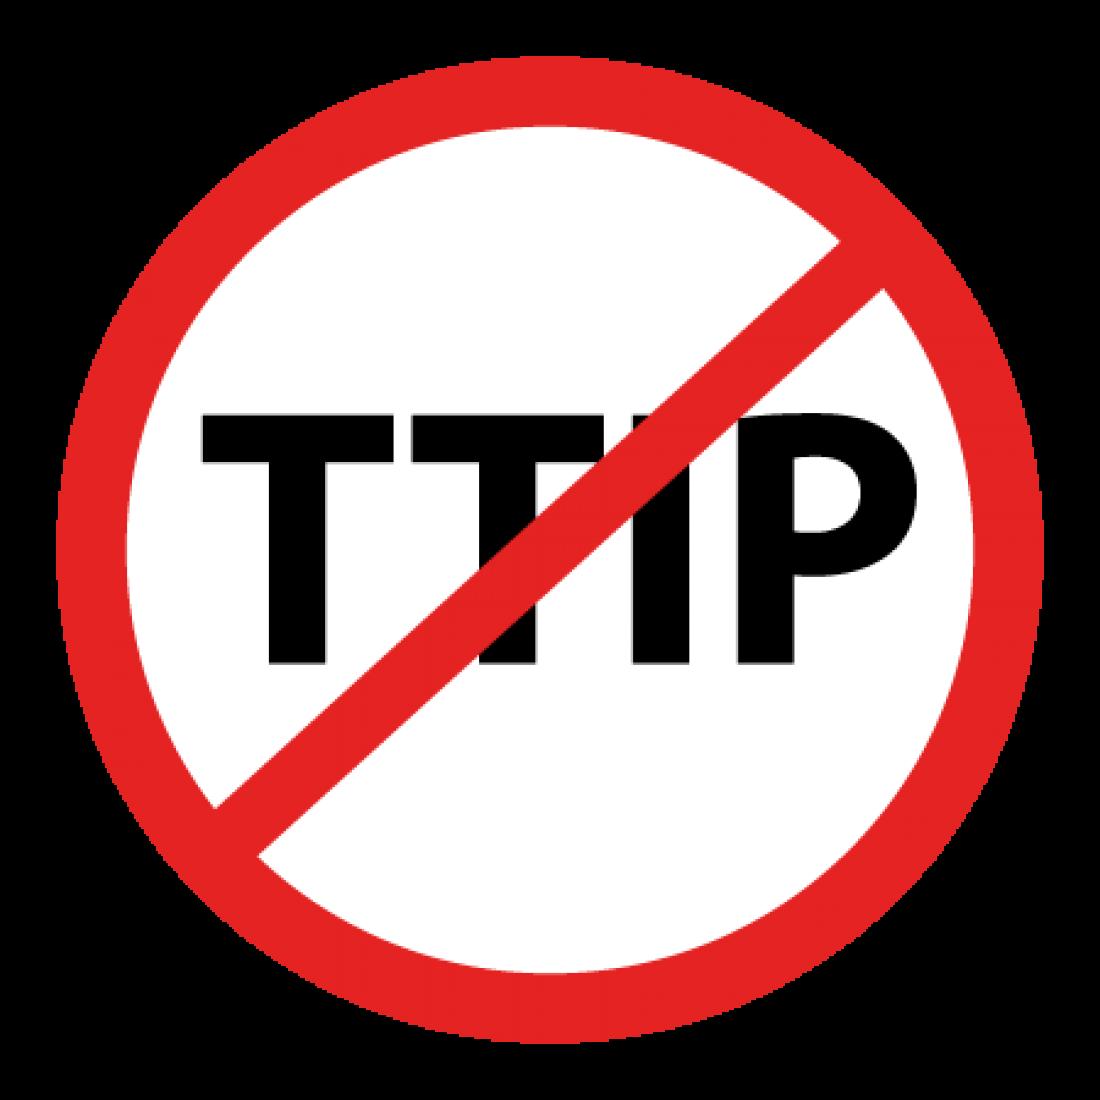 Comunicado del Bloque Combativo y de Clase sobre el TTIP